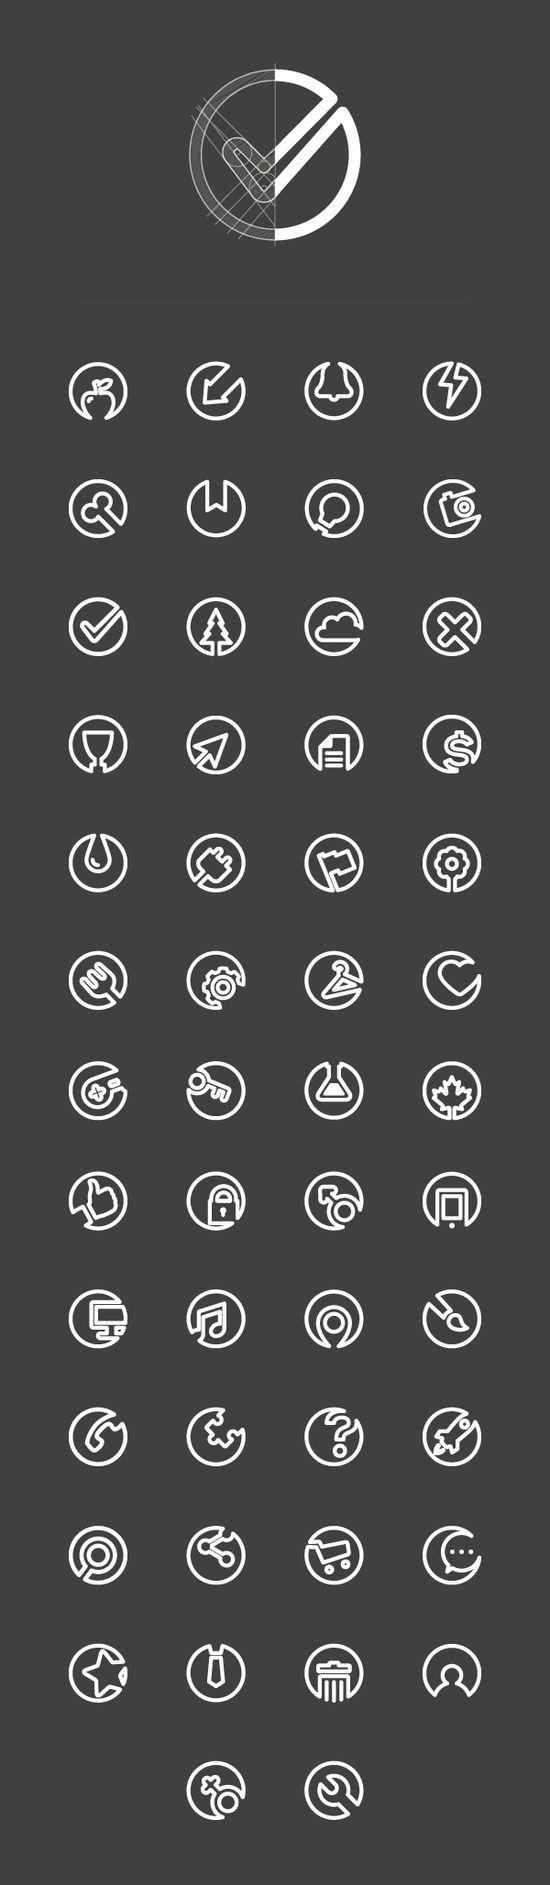 Wireless icon line iconset iconsmind - Line